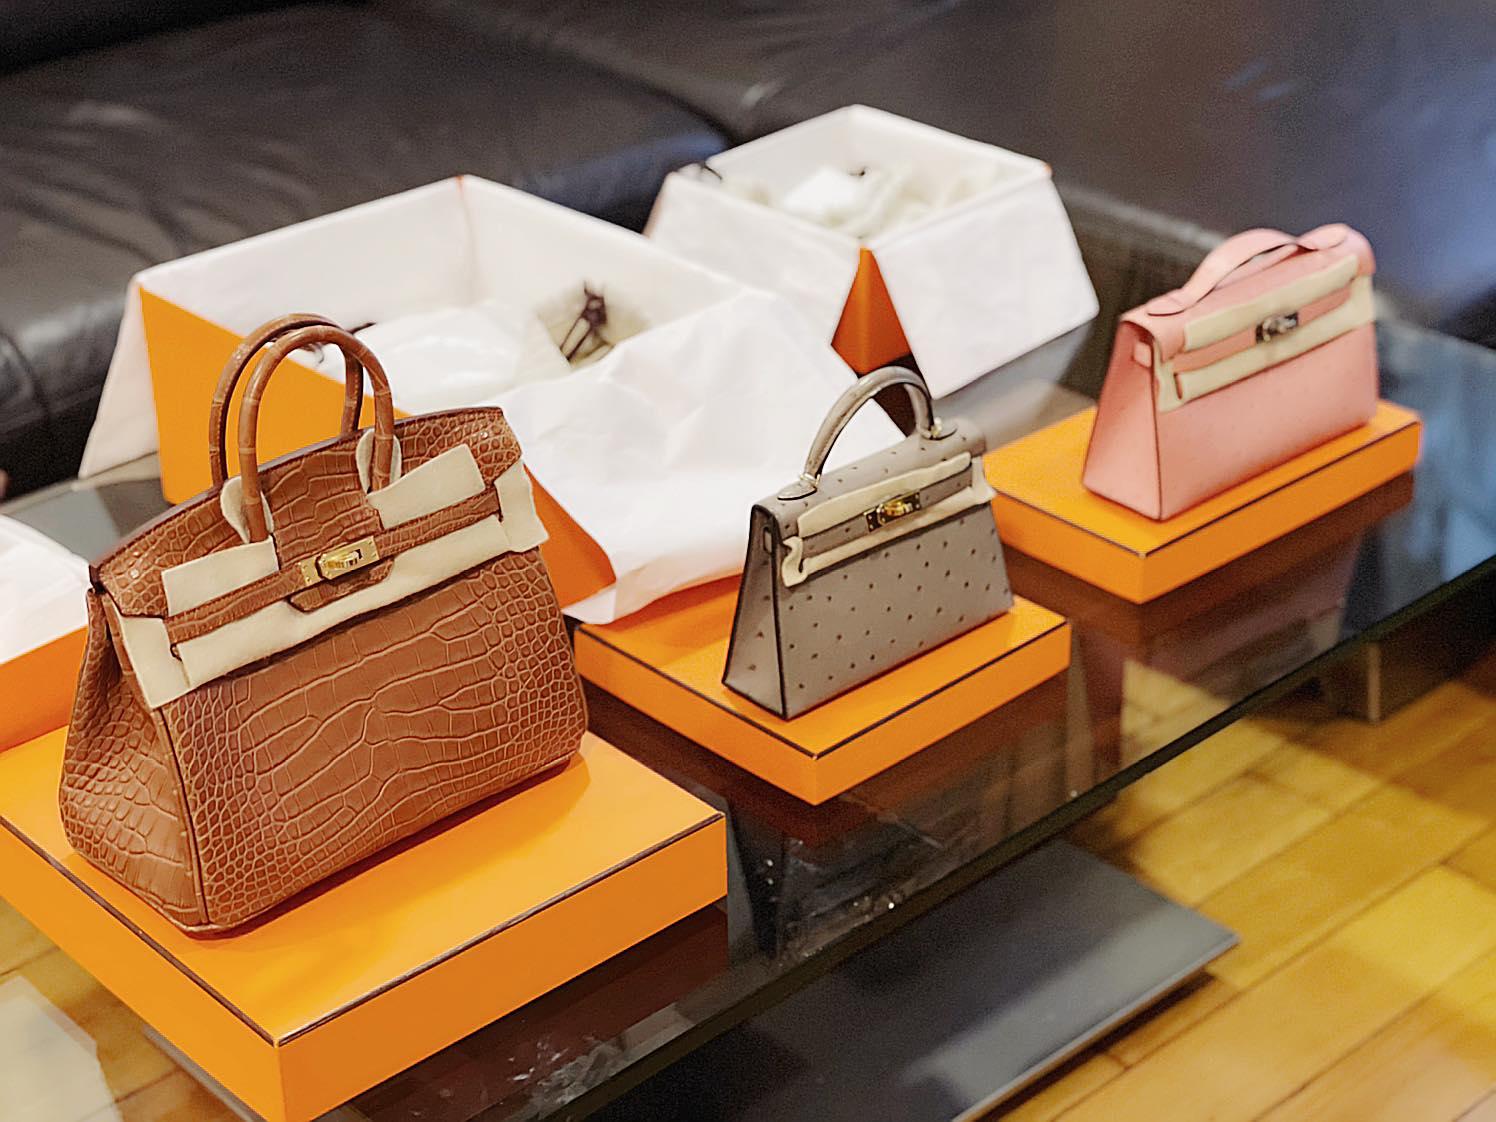 Hot mom nhiều túi Hermès hơn cả Ngọc Trinh lần đầu hé lộ gia tài túi hơn 30 tỷ, nhiều mẫu hot hit chưa chắc có tiền đã mua được - Ảnh 12.